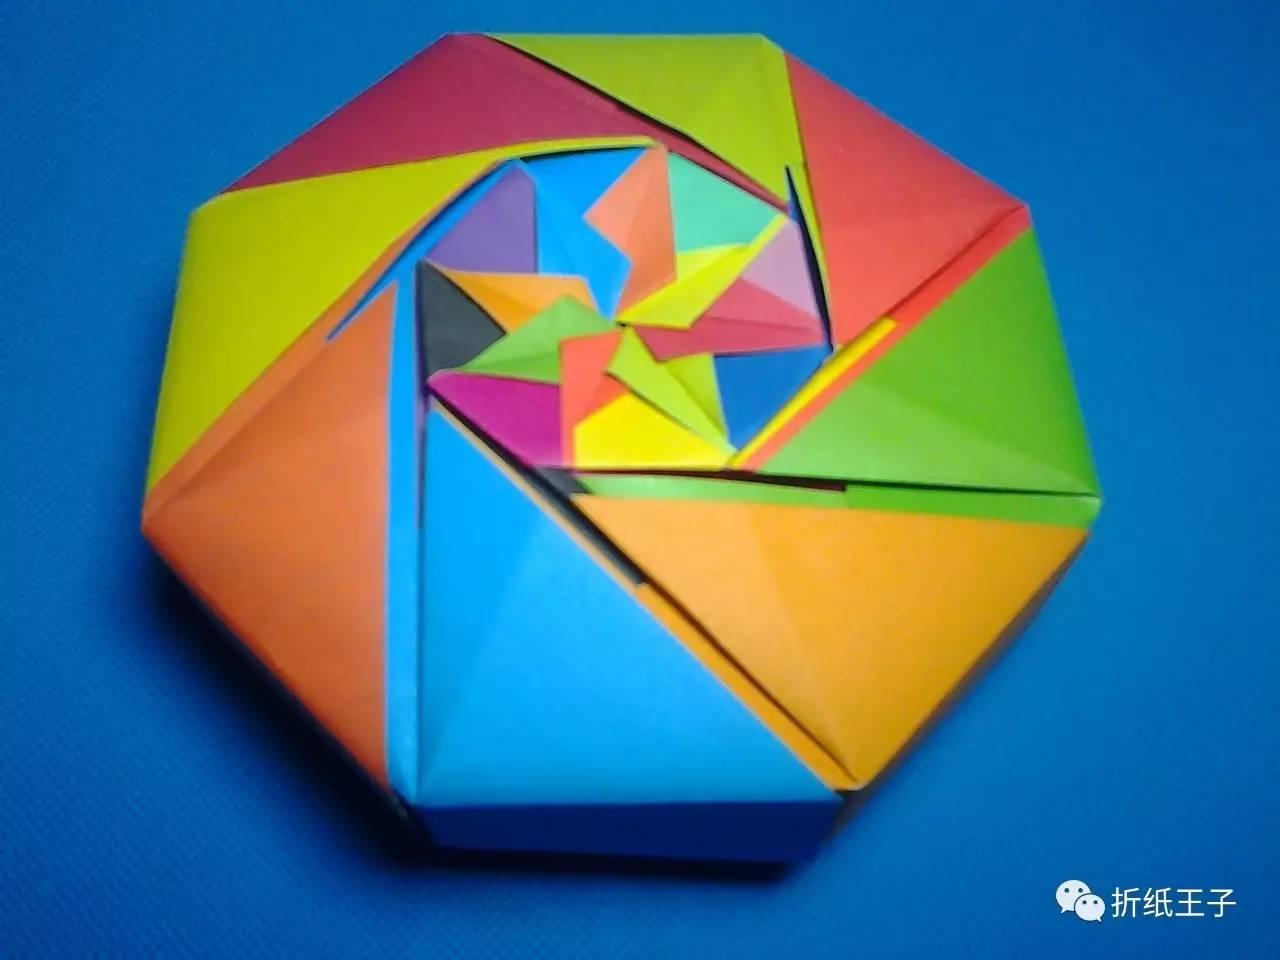 折纸王子教你折纸盒子大全